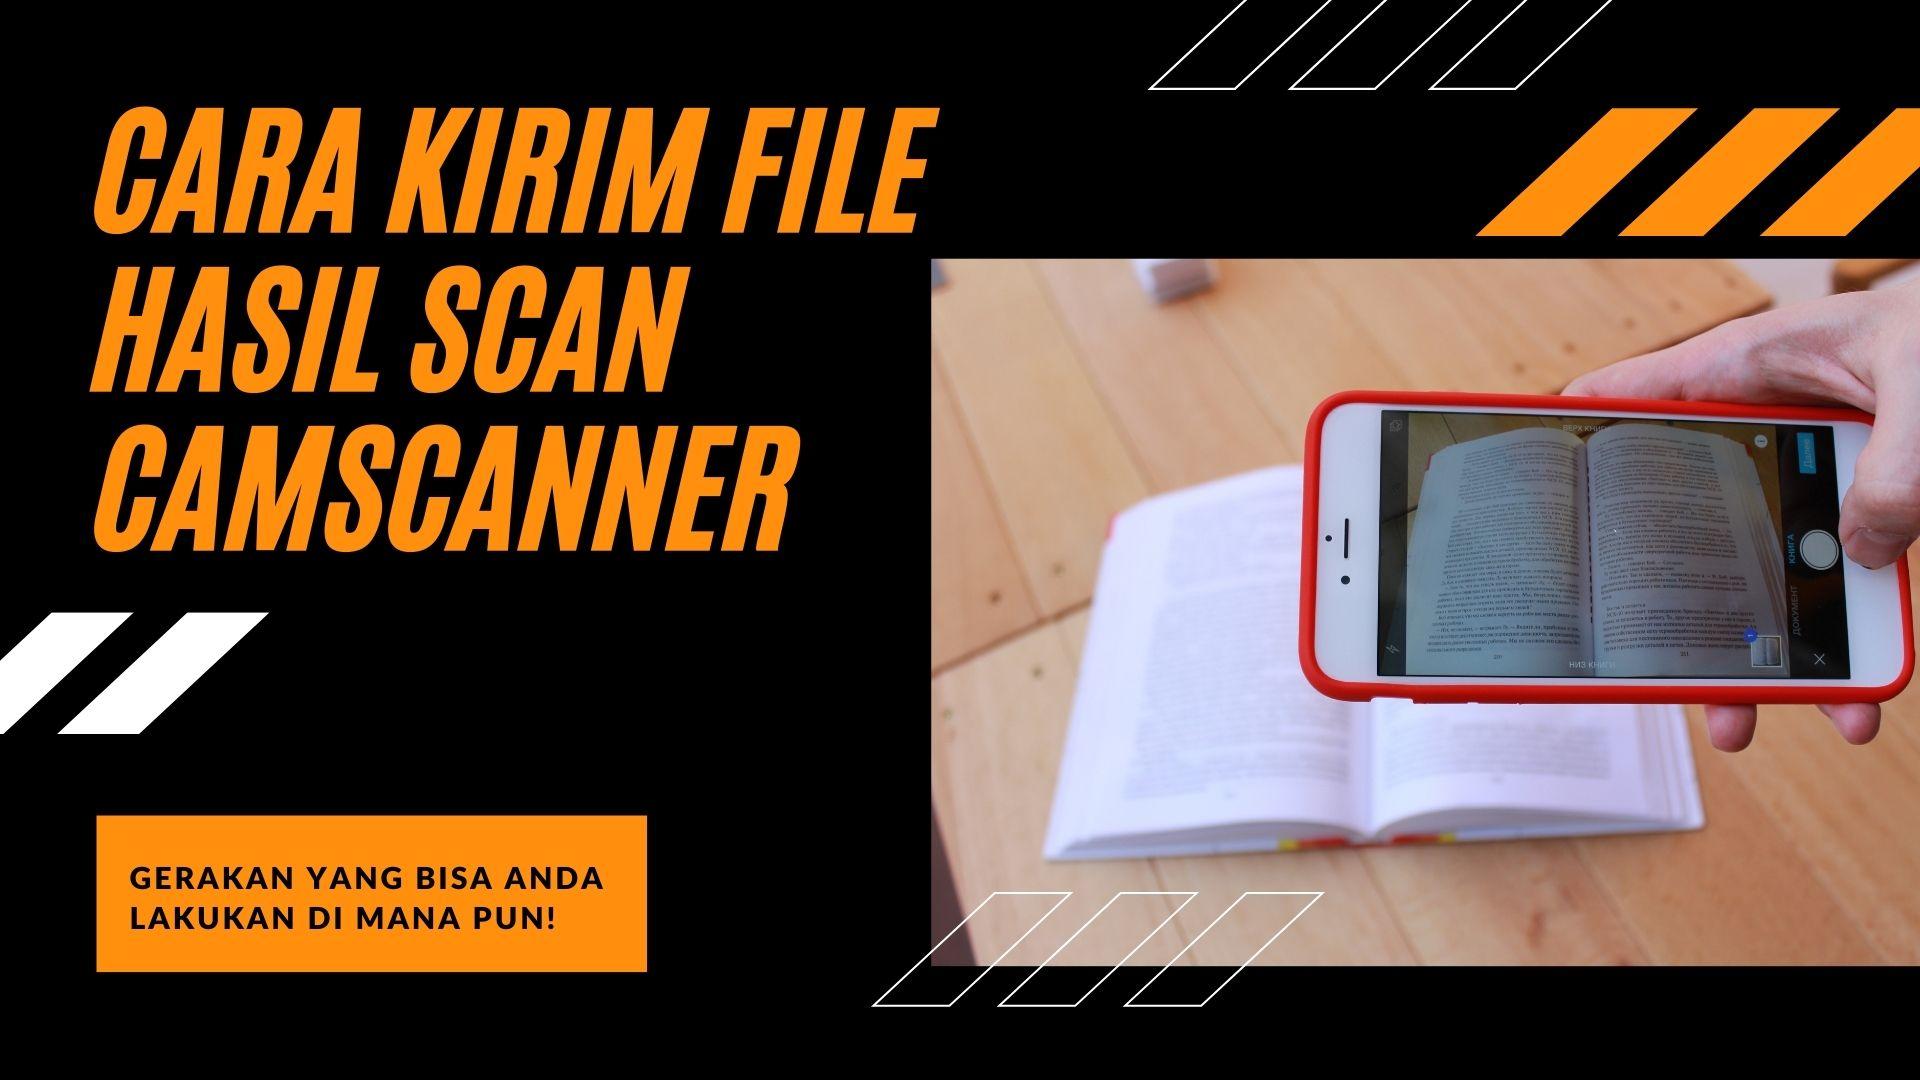 Cara Kirim File Hasil Scan Camscanner